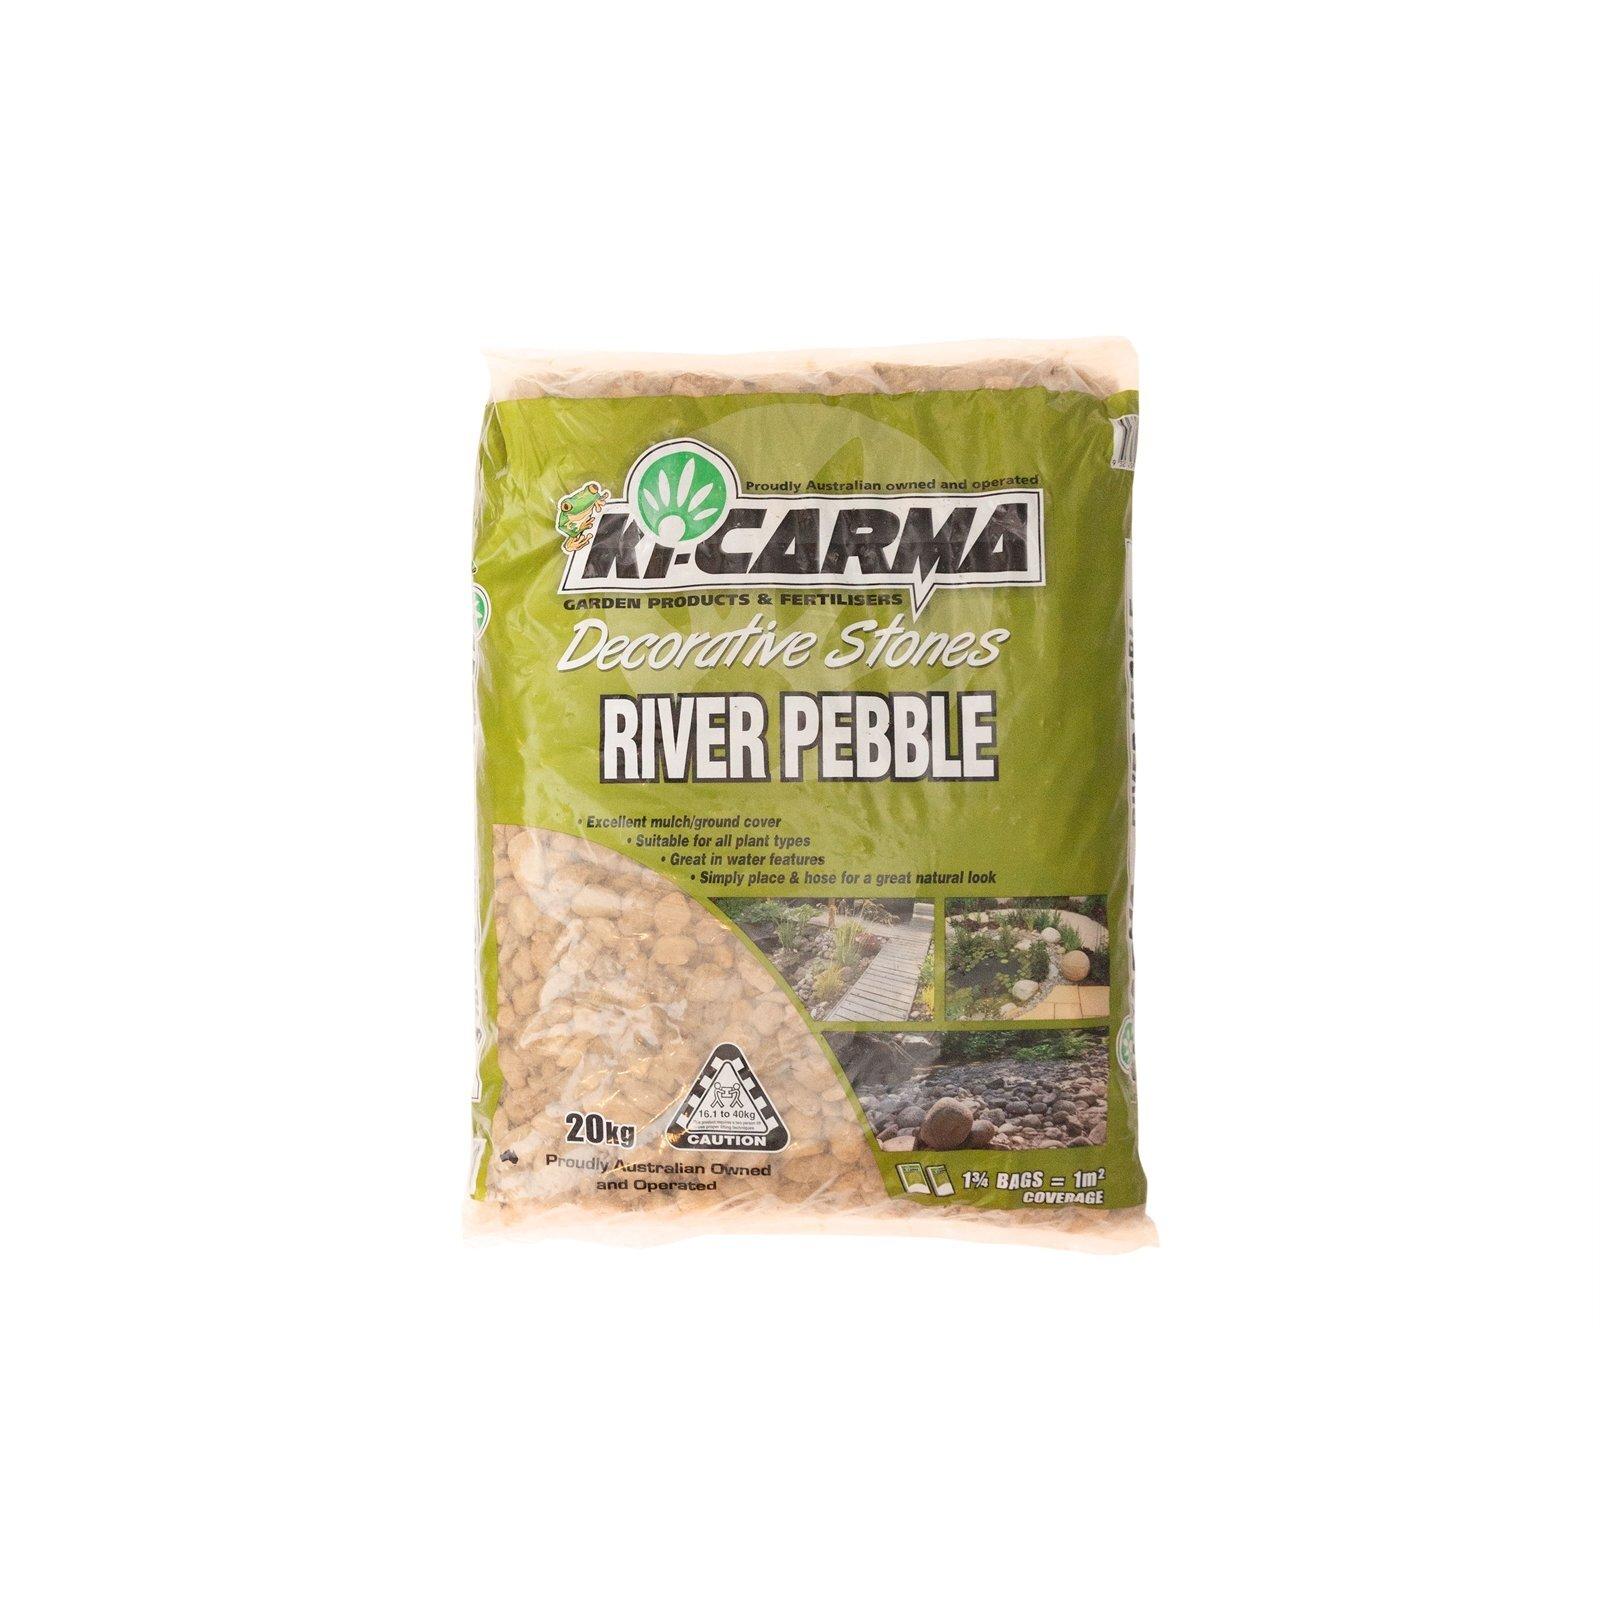 Ki Carma 20kg River Pebble Landscape Stones